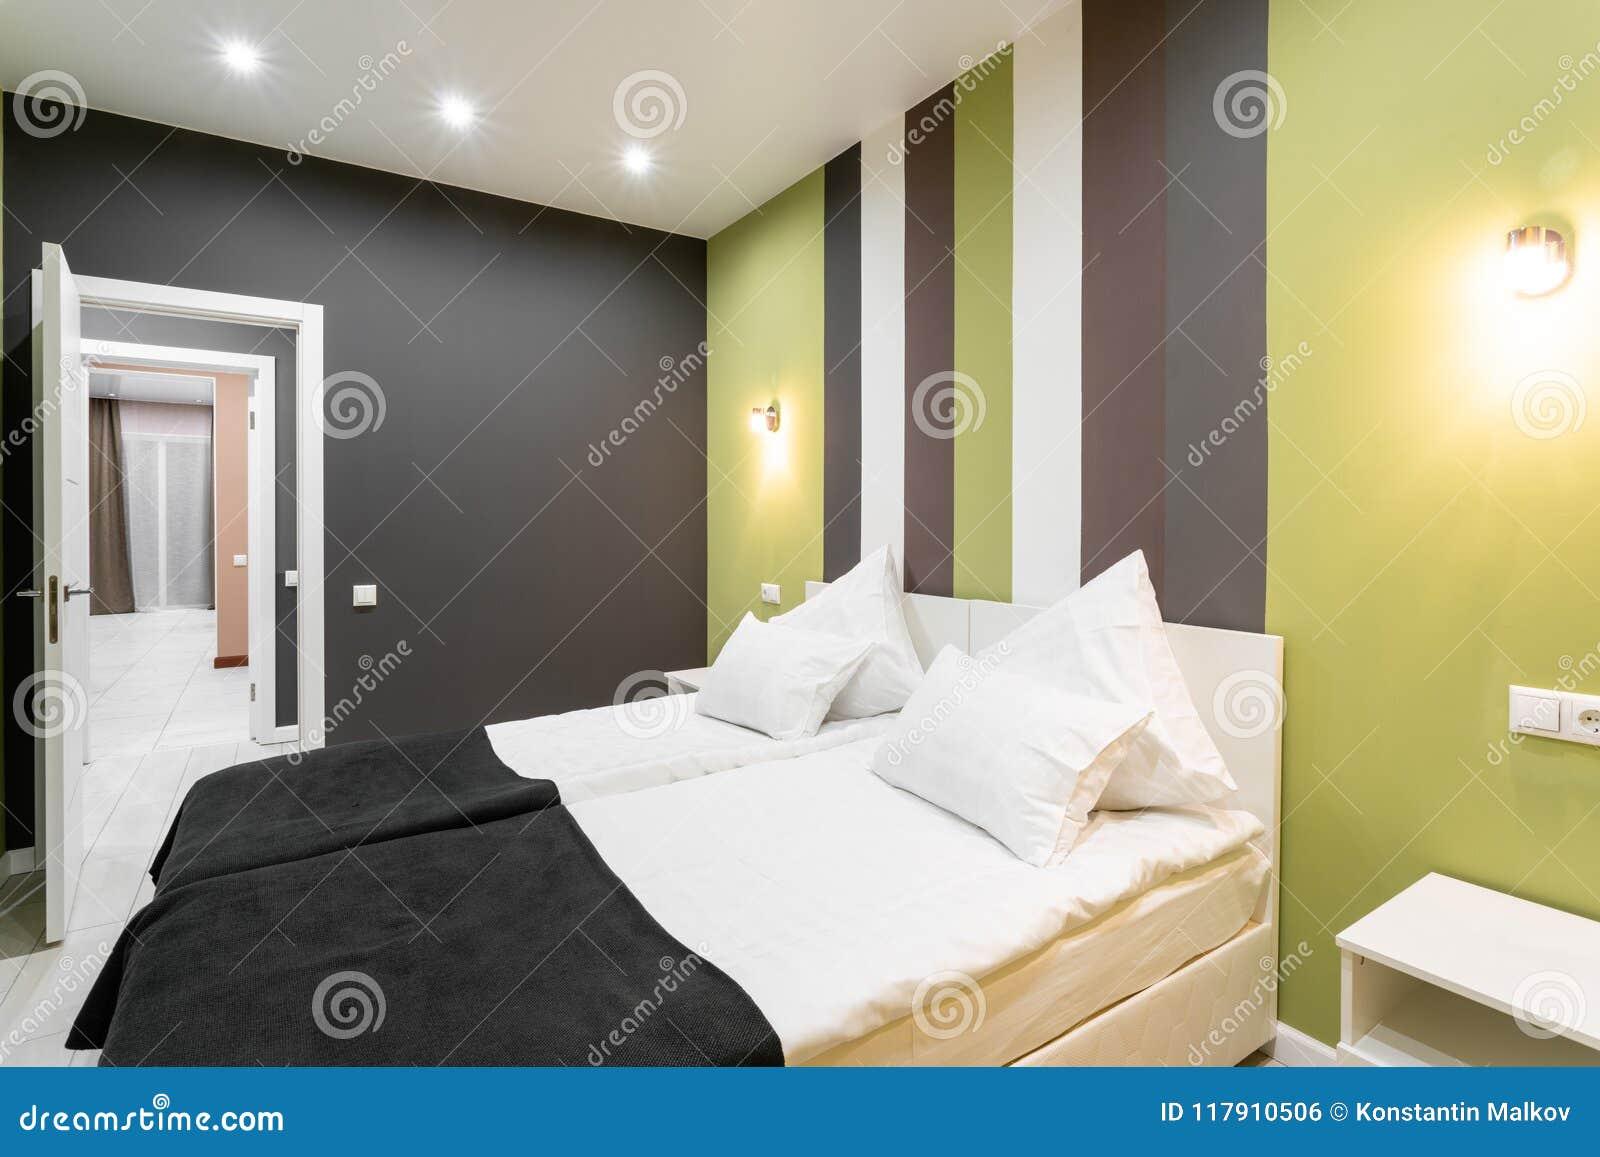 Stanza di norma dell hotel camera da letto moderna con i cuscini